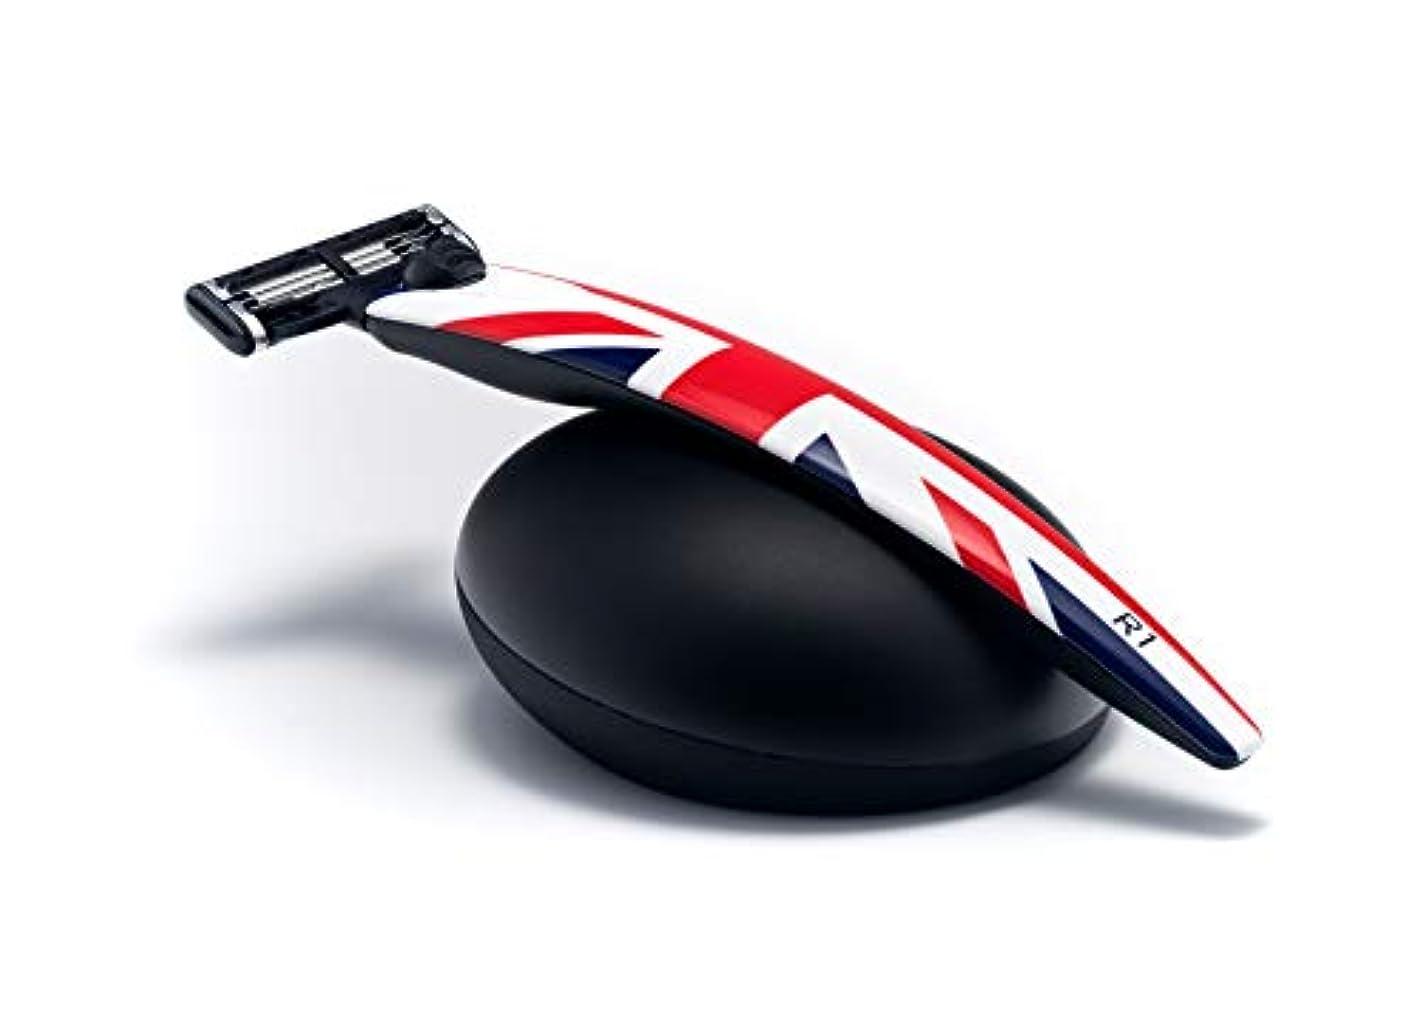 内向き私振動するイギリス BolinWebb カミソリ 名車と同じ塗装を施した プレミアムシェーバー R1 Jack ギフトセット モデル 替刃はジレット 3枚刃 マッハ3 に対応